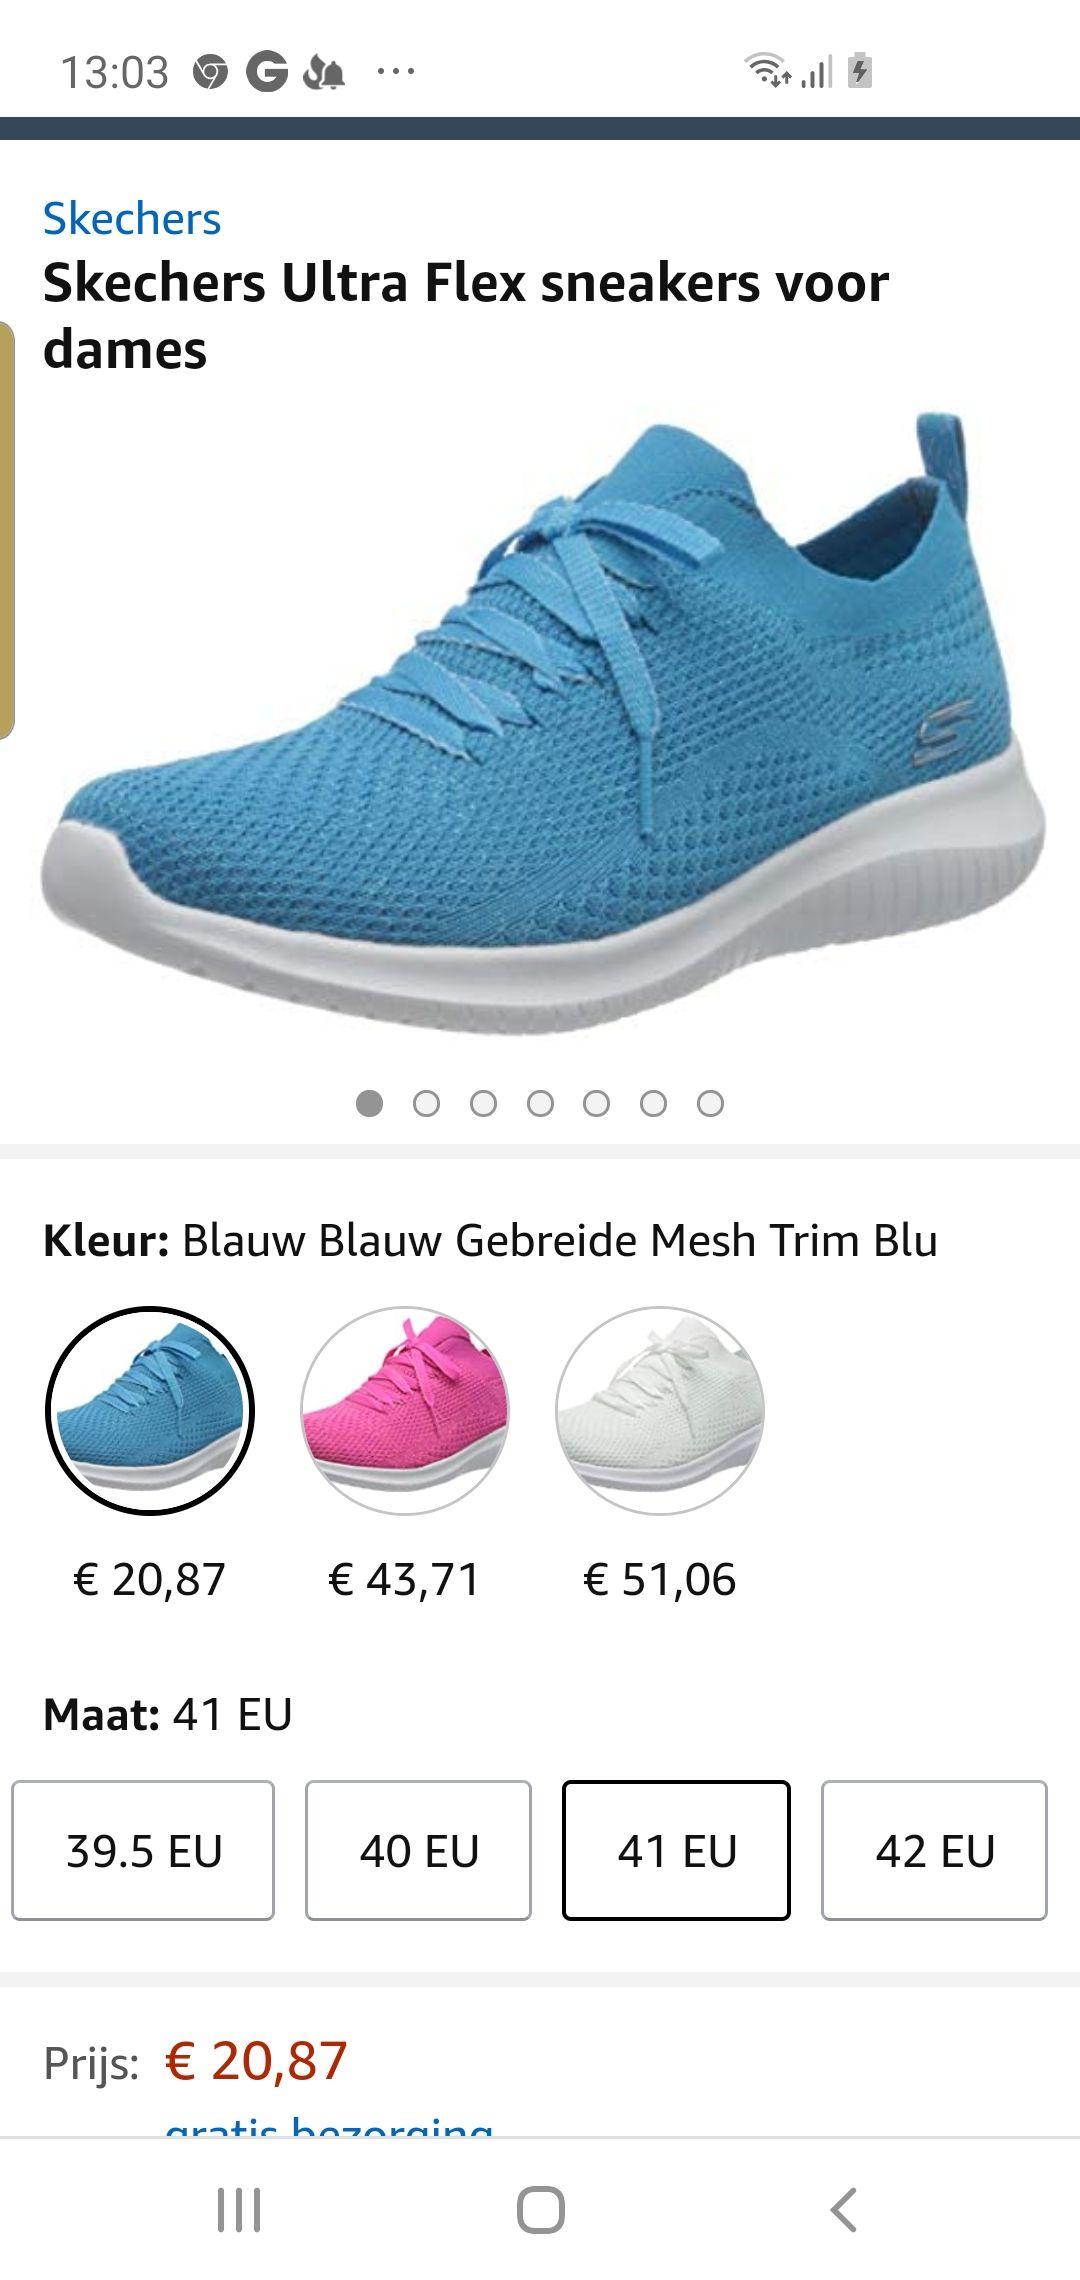 Skechers Ultra Flex sneakers voor dames